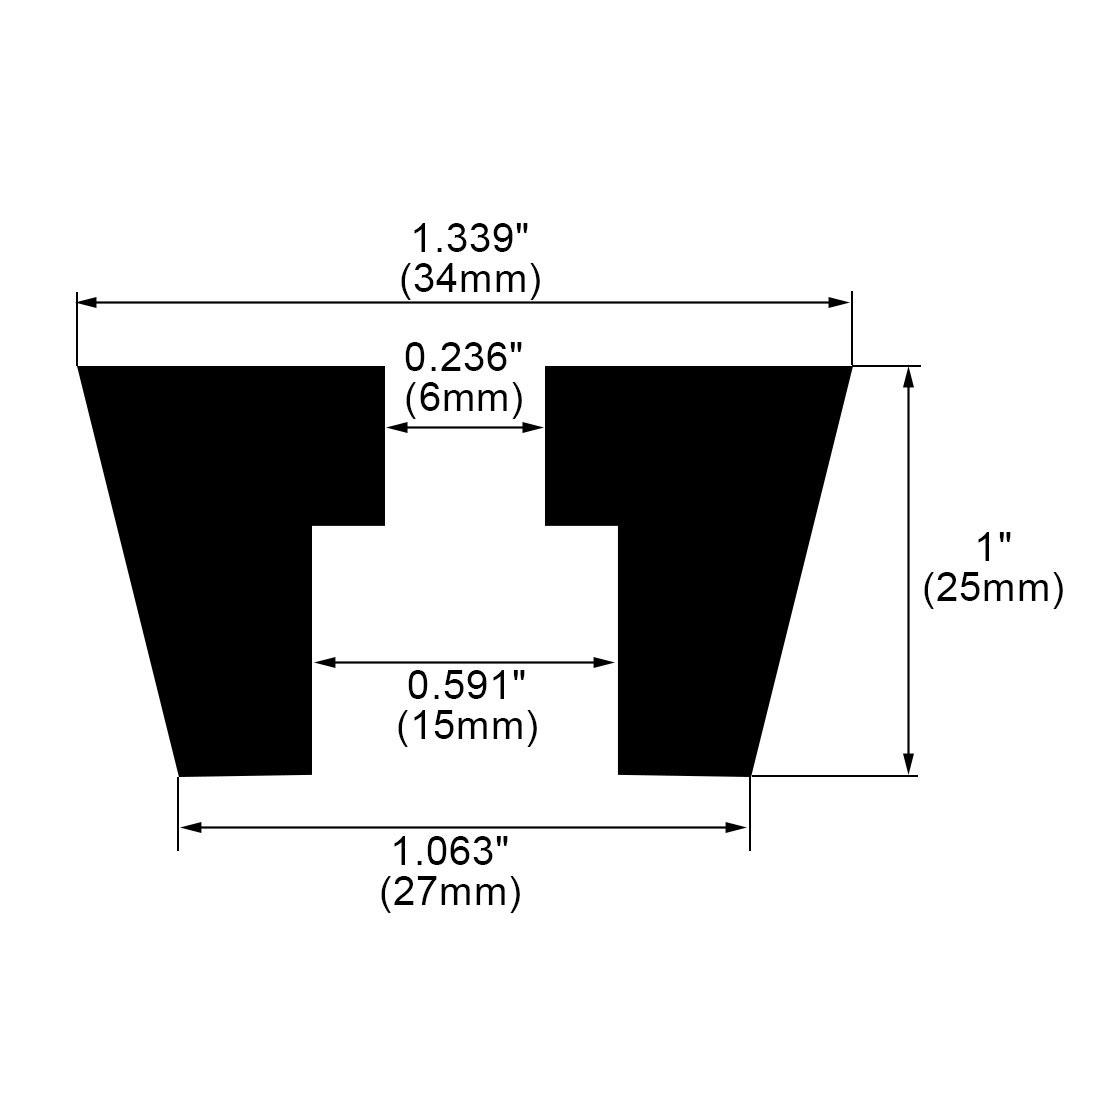 16pcs Rubber Feet Bumper Buffer Feet Furniture Leg Pads Anti-slip, D34x27xH25mm - image 6 de 7